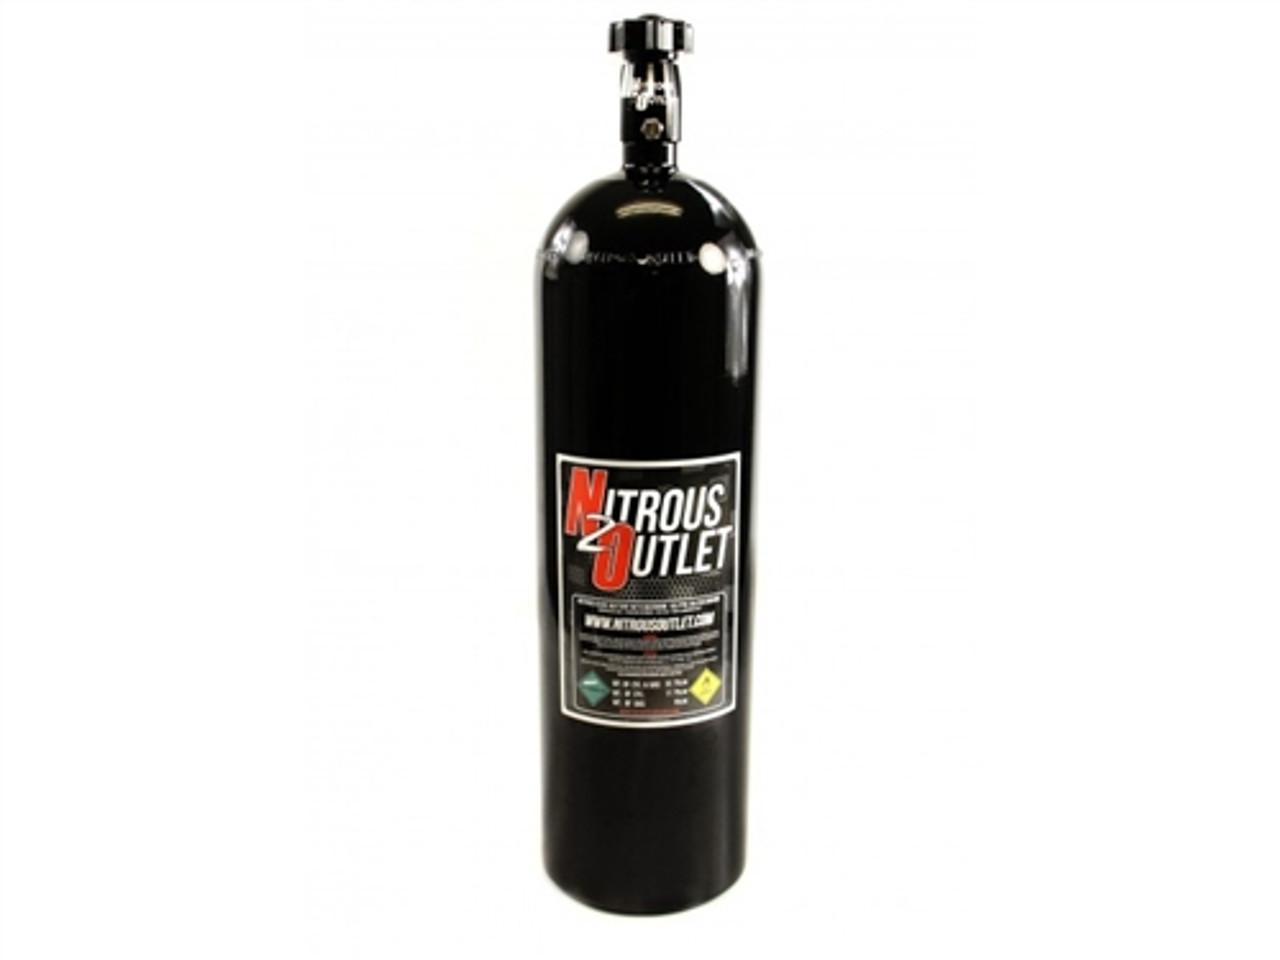 Nitrous Outlet 10lb Nitrous Bottle /& High Flow Valve